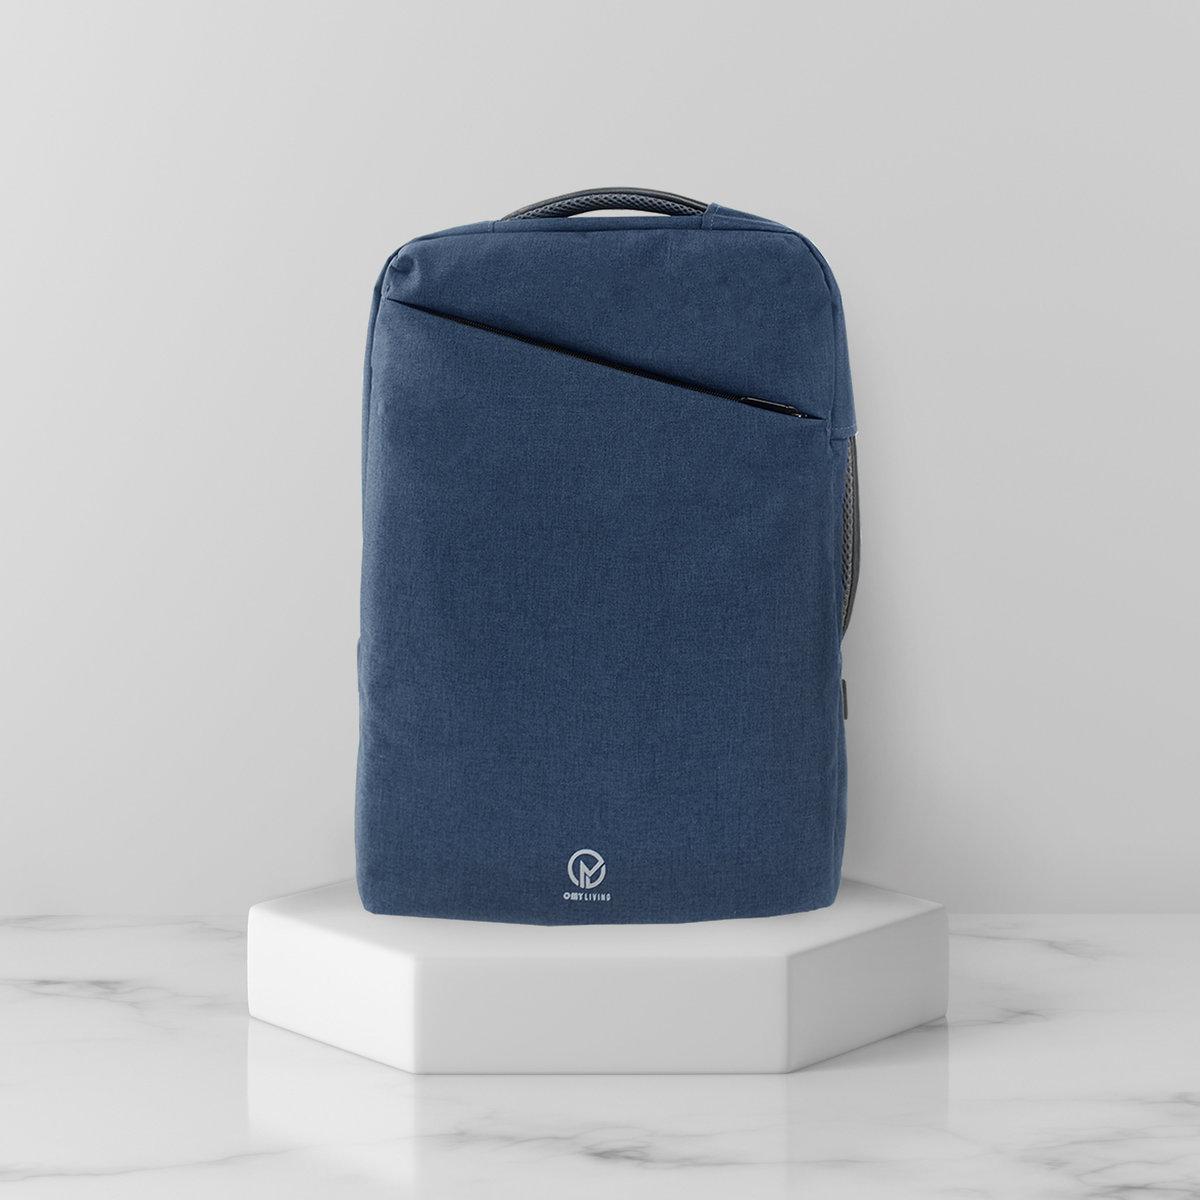 OMYLIVING UV Steriliser Bag(Starry blue)